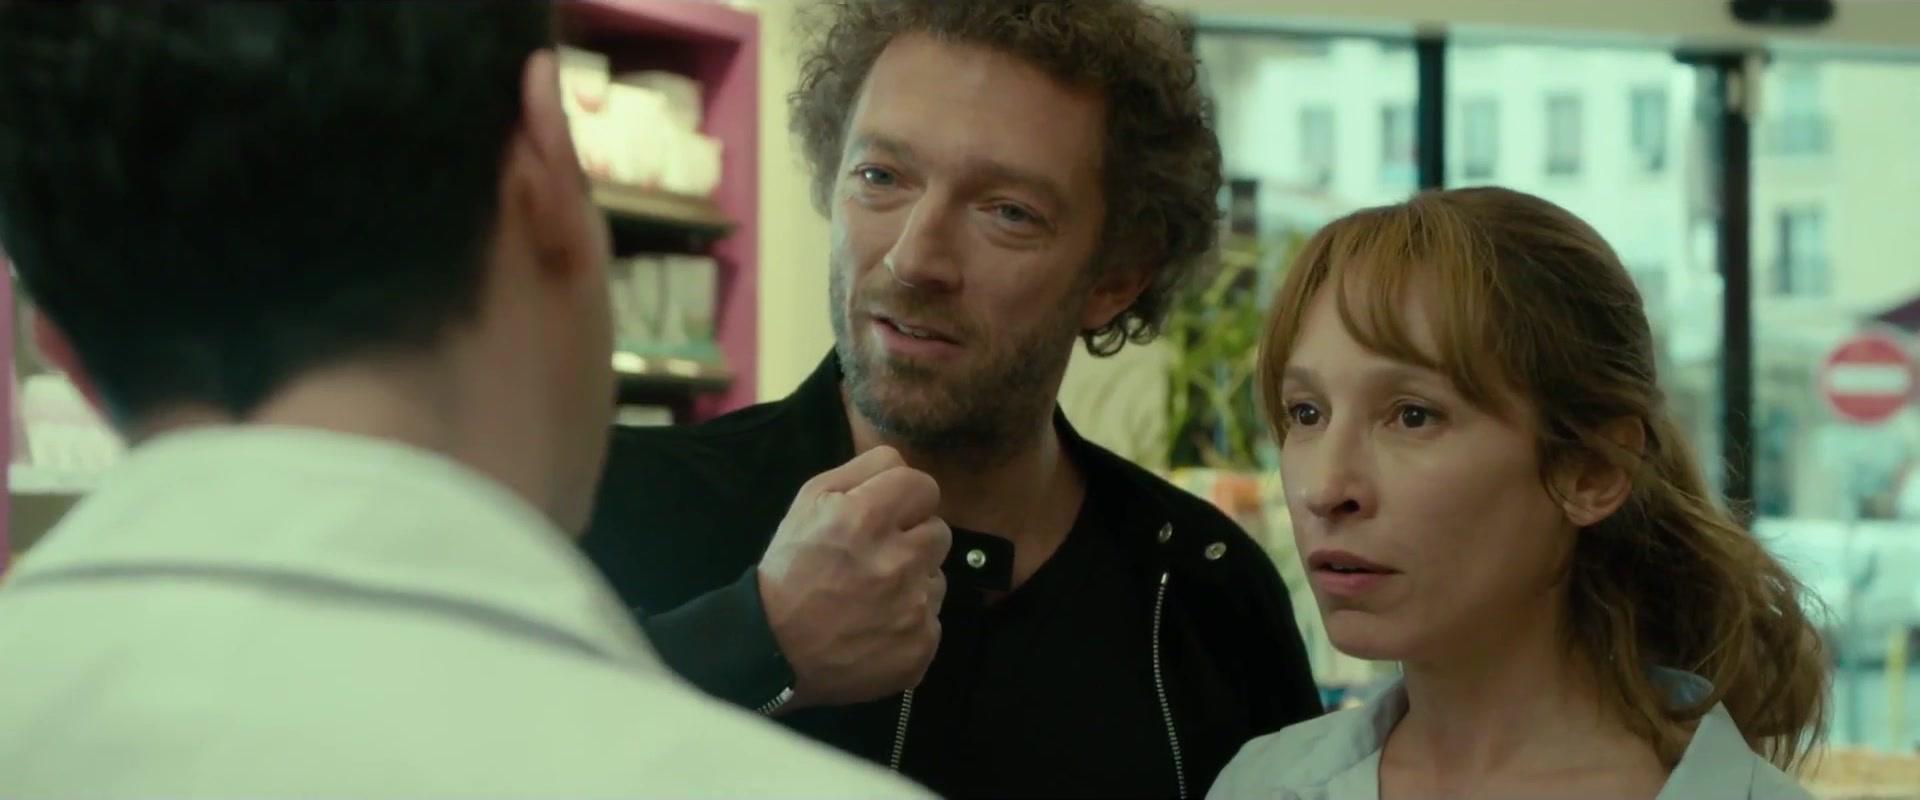 Фильм Мой король (2015) смотреть онлайн бесплатно в хорошем HD 1080 / 720  качестве